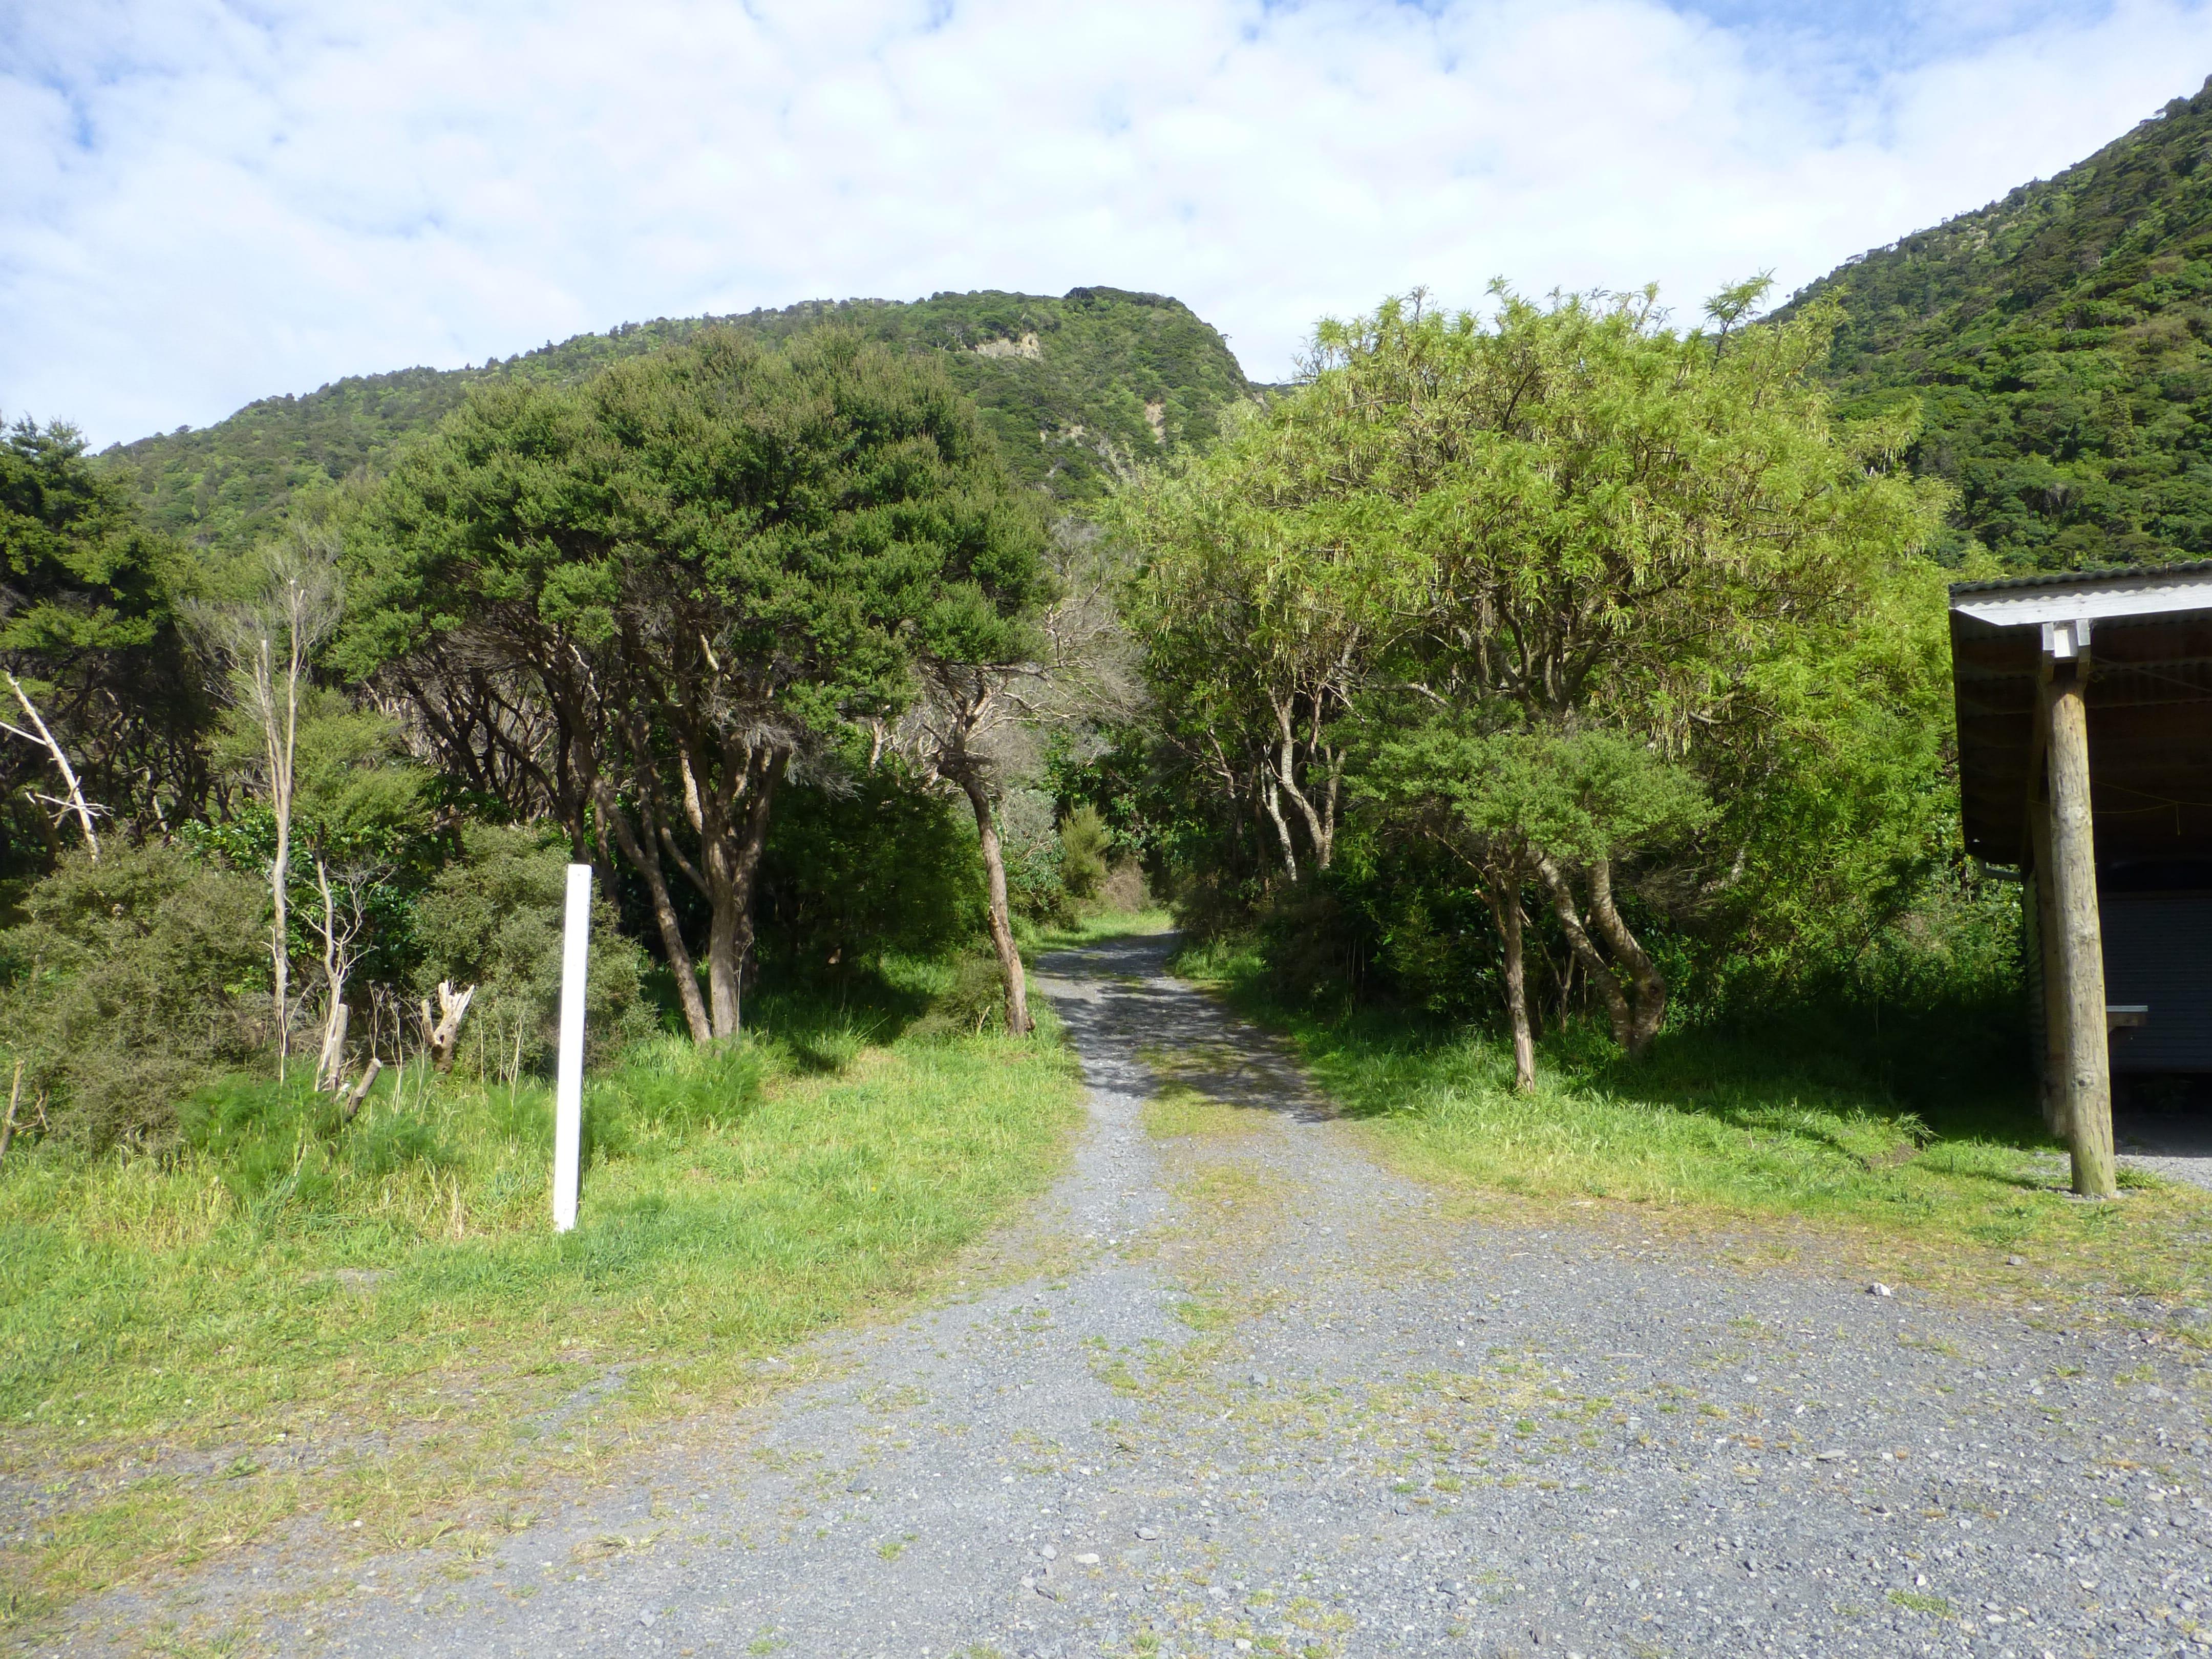 Weit-weg.reisen, Corner Creek Campsite 12